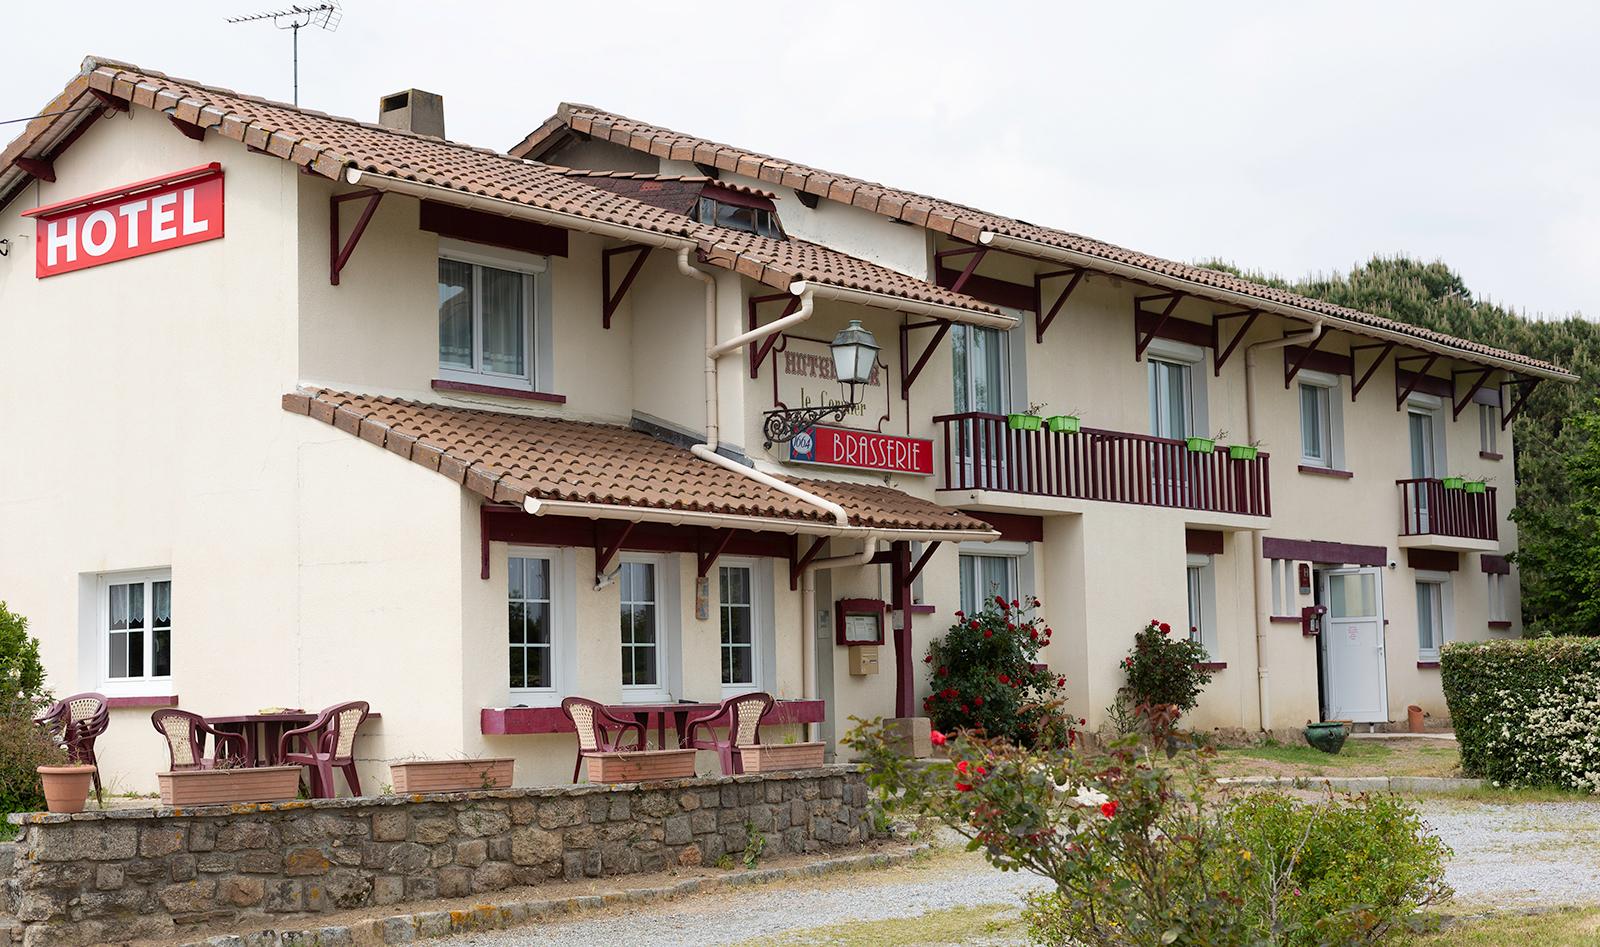 Hôtel Le Cormier 9 à Cholet, en Maine et Loire (49)